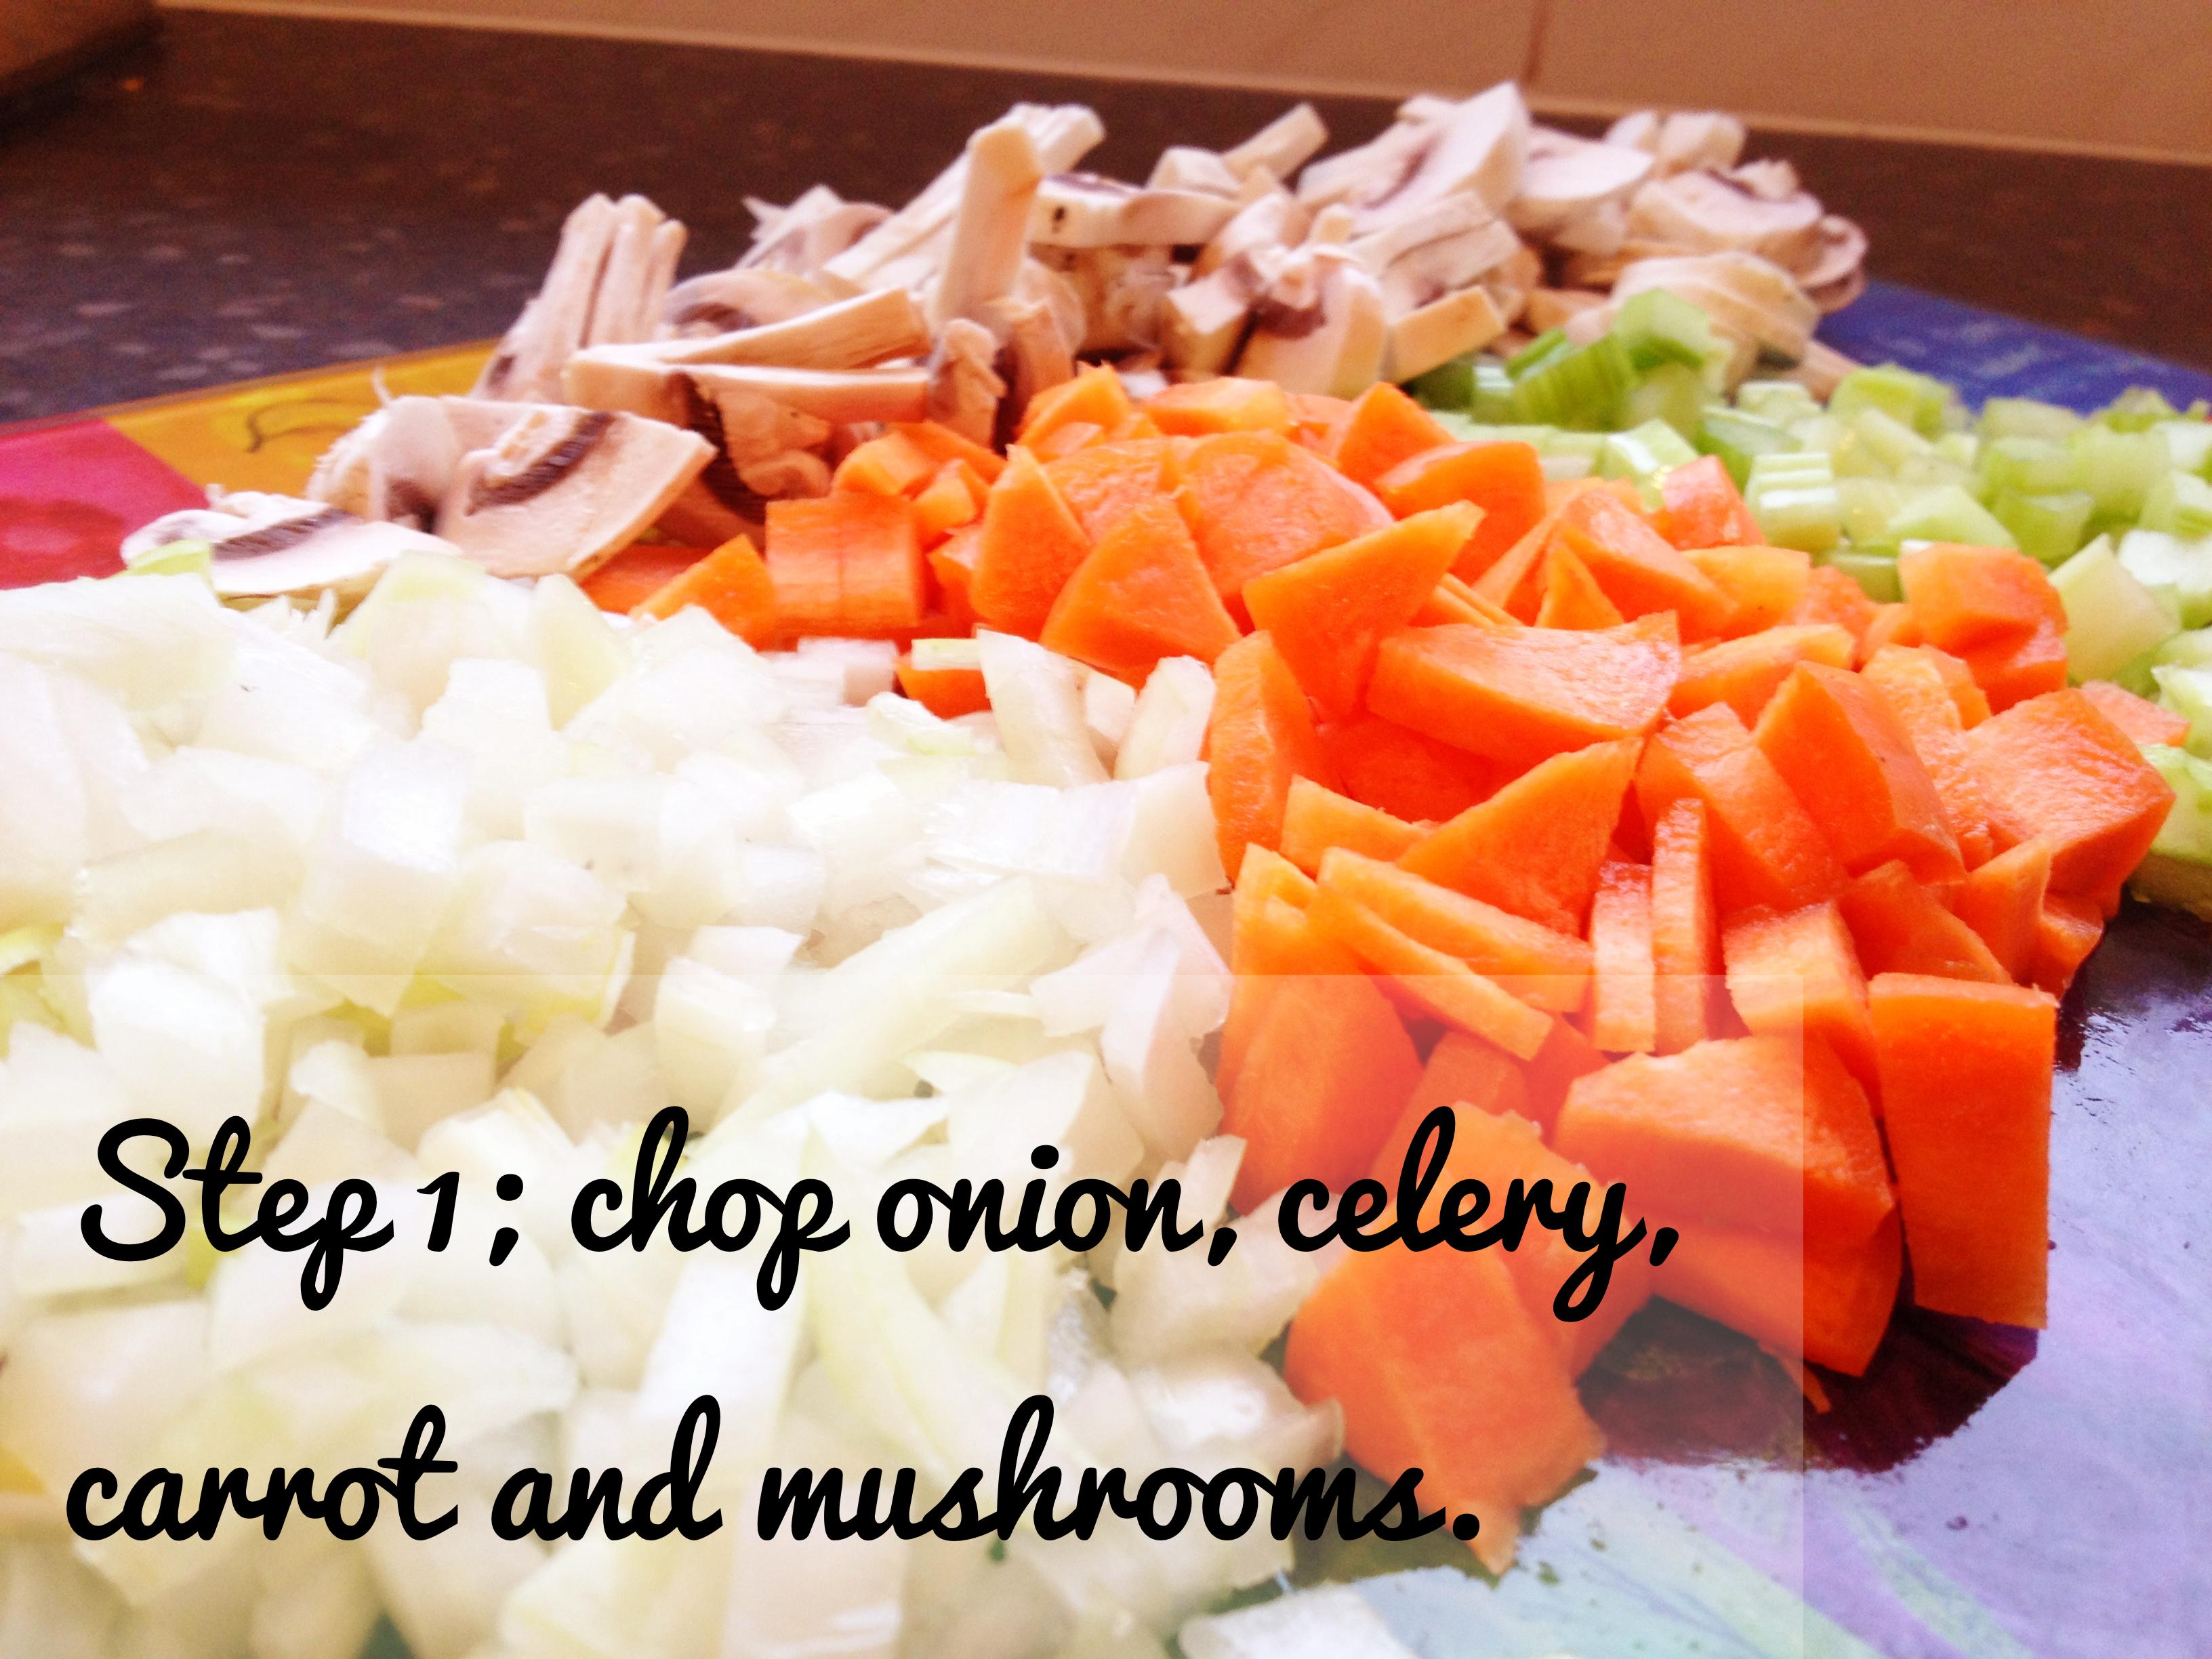 Fish pie recipe: Chop veges